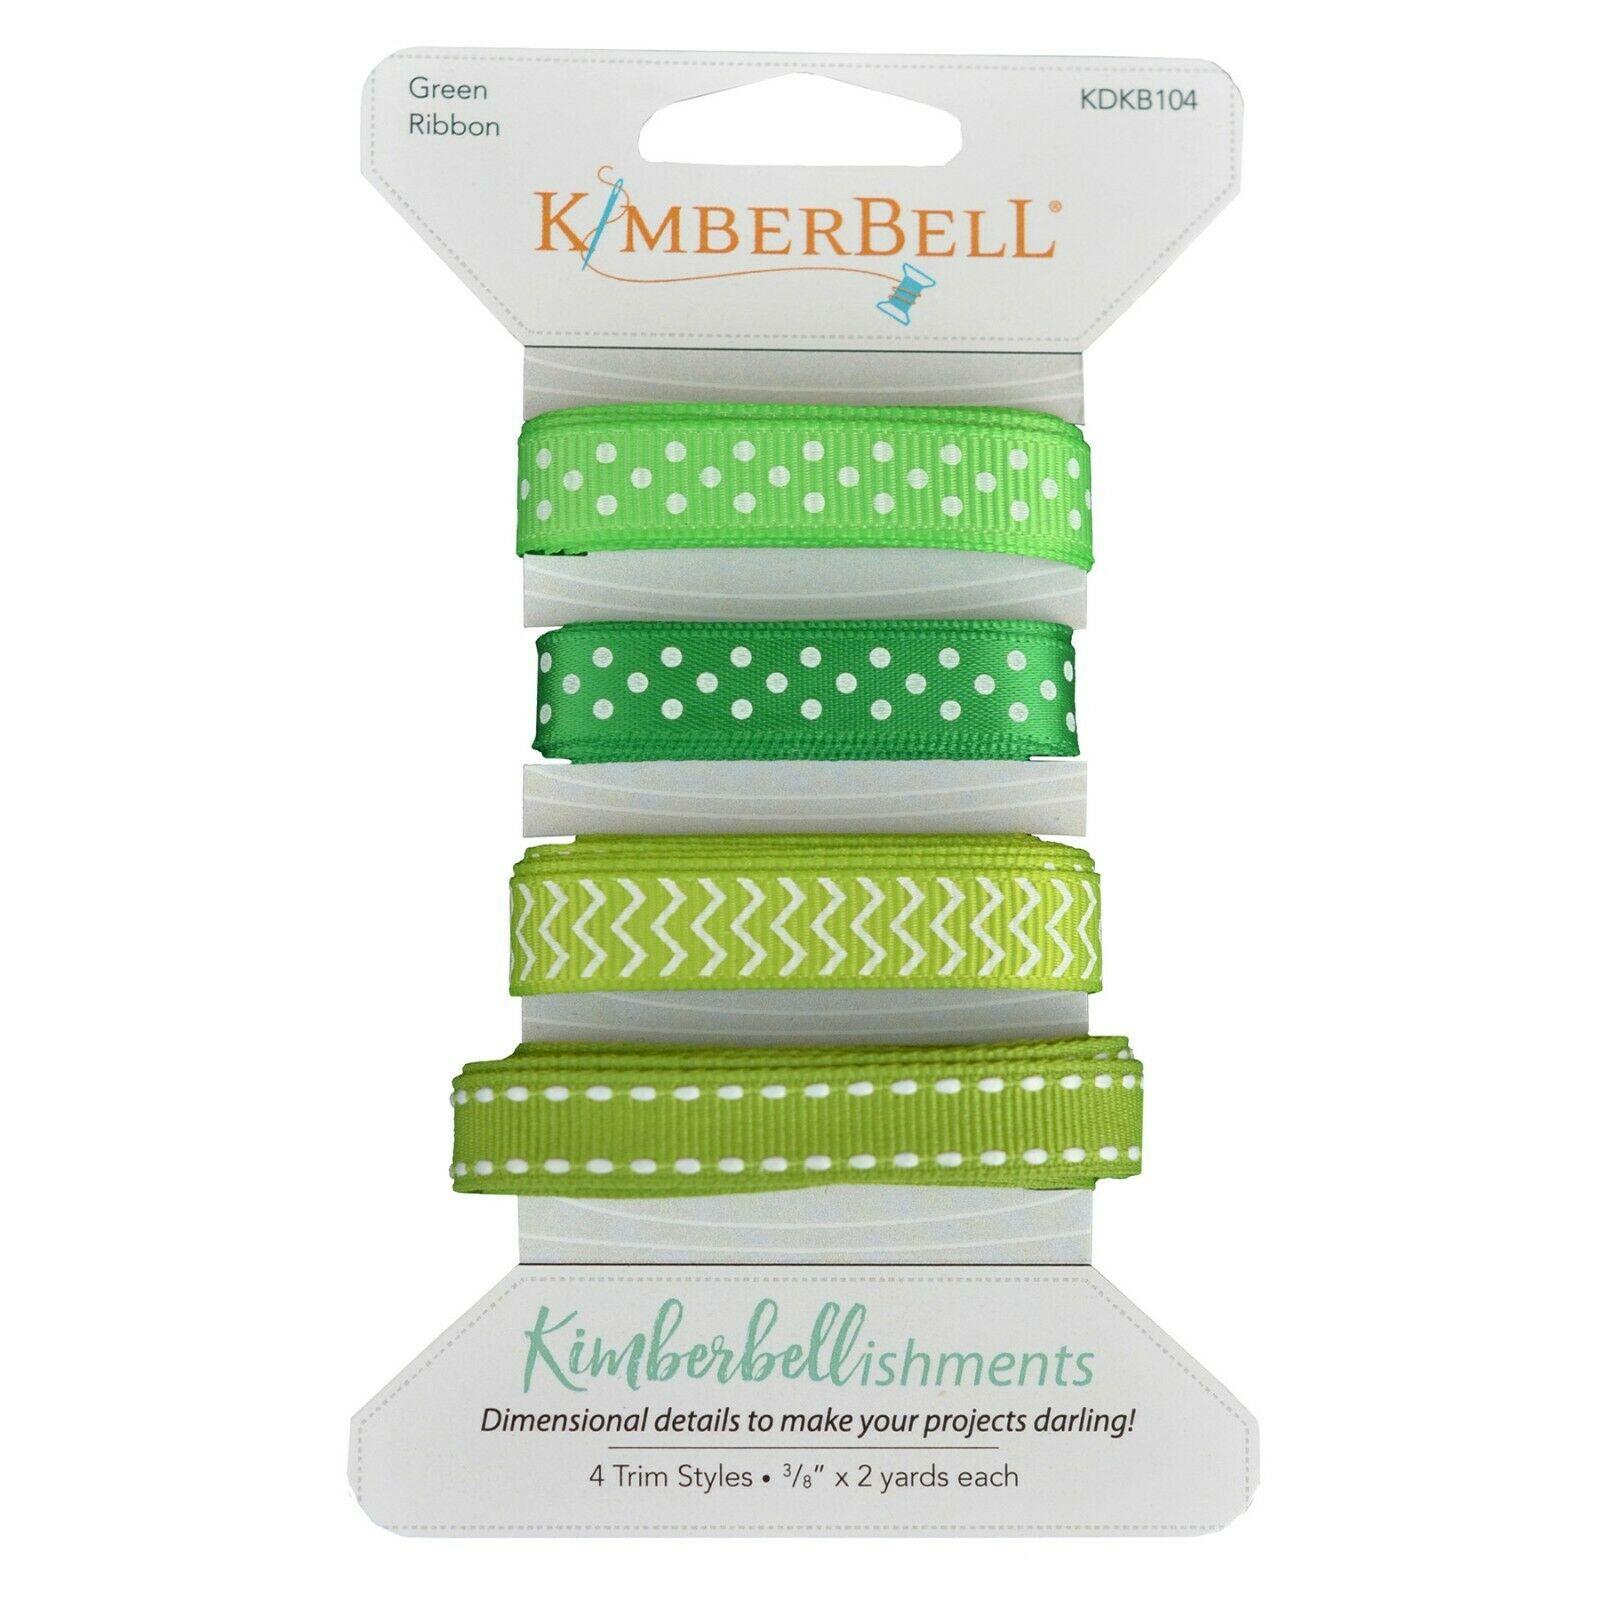 Kimberbellishments Green Ribbon